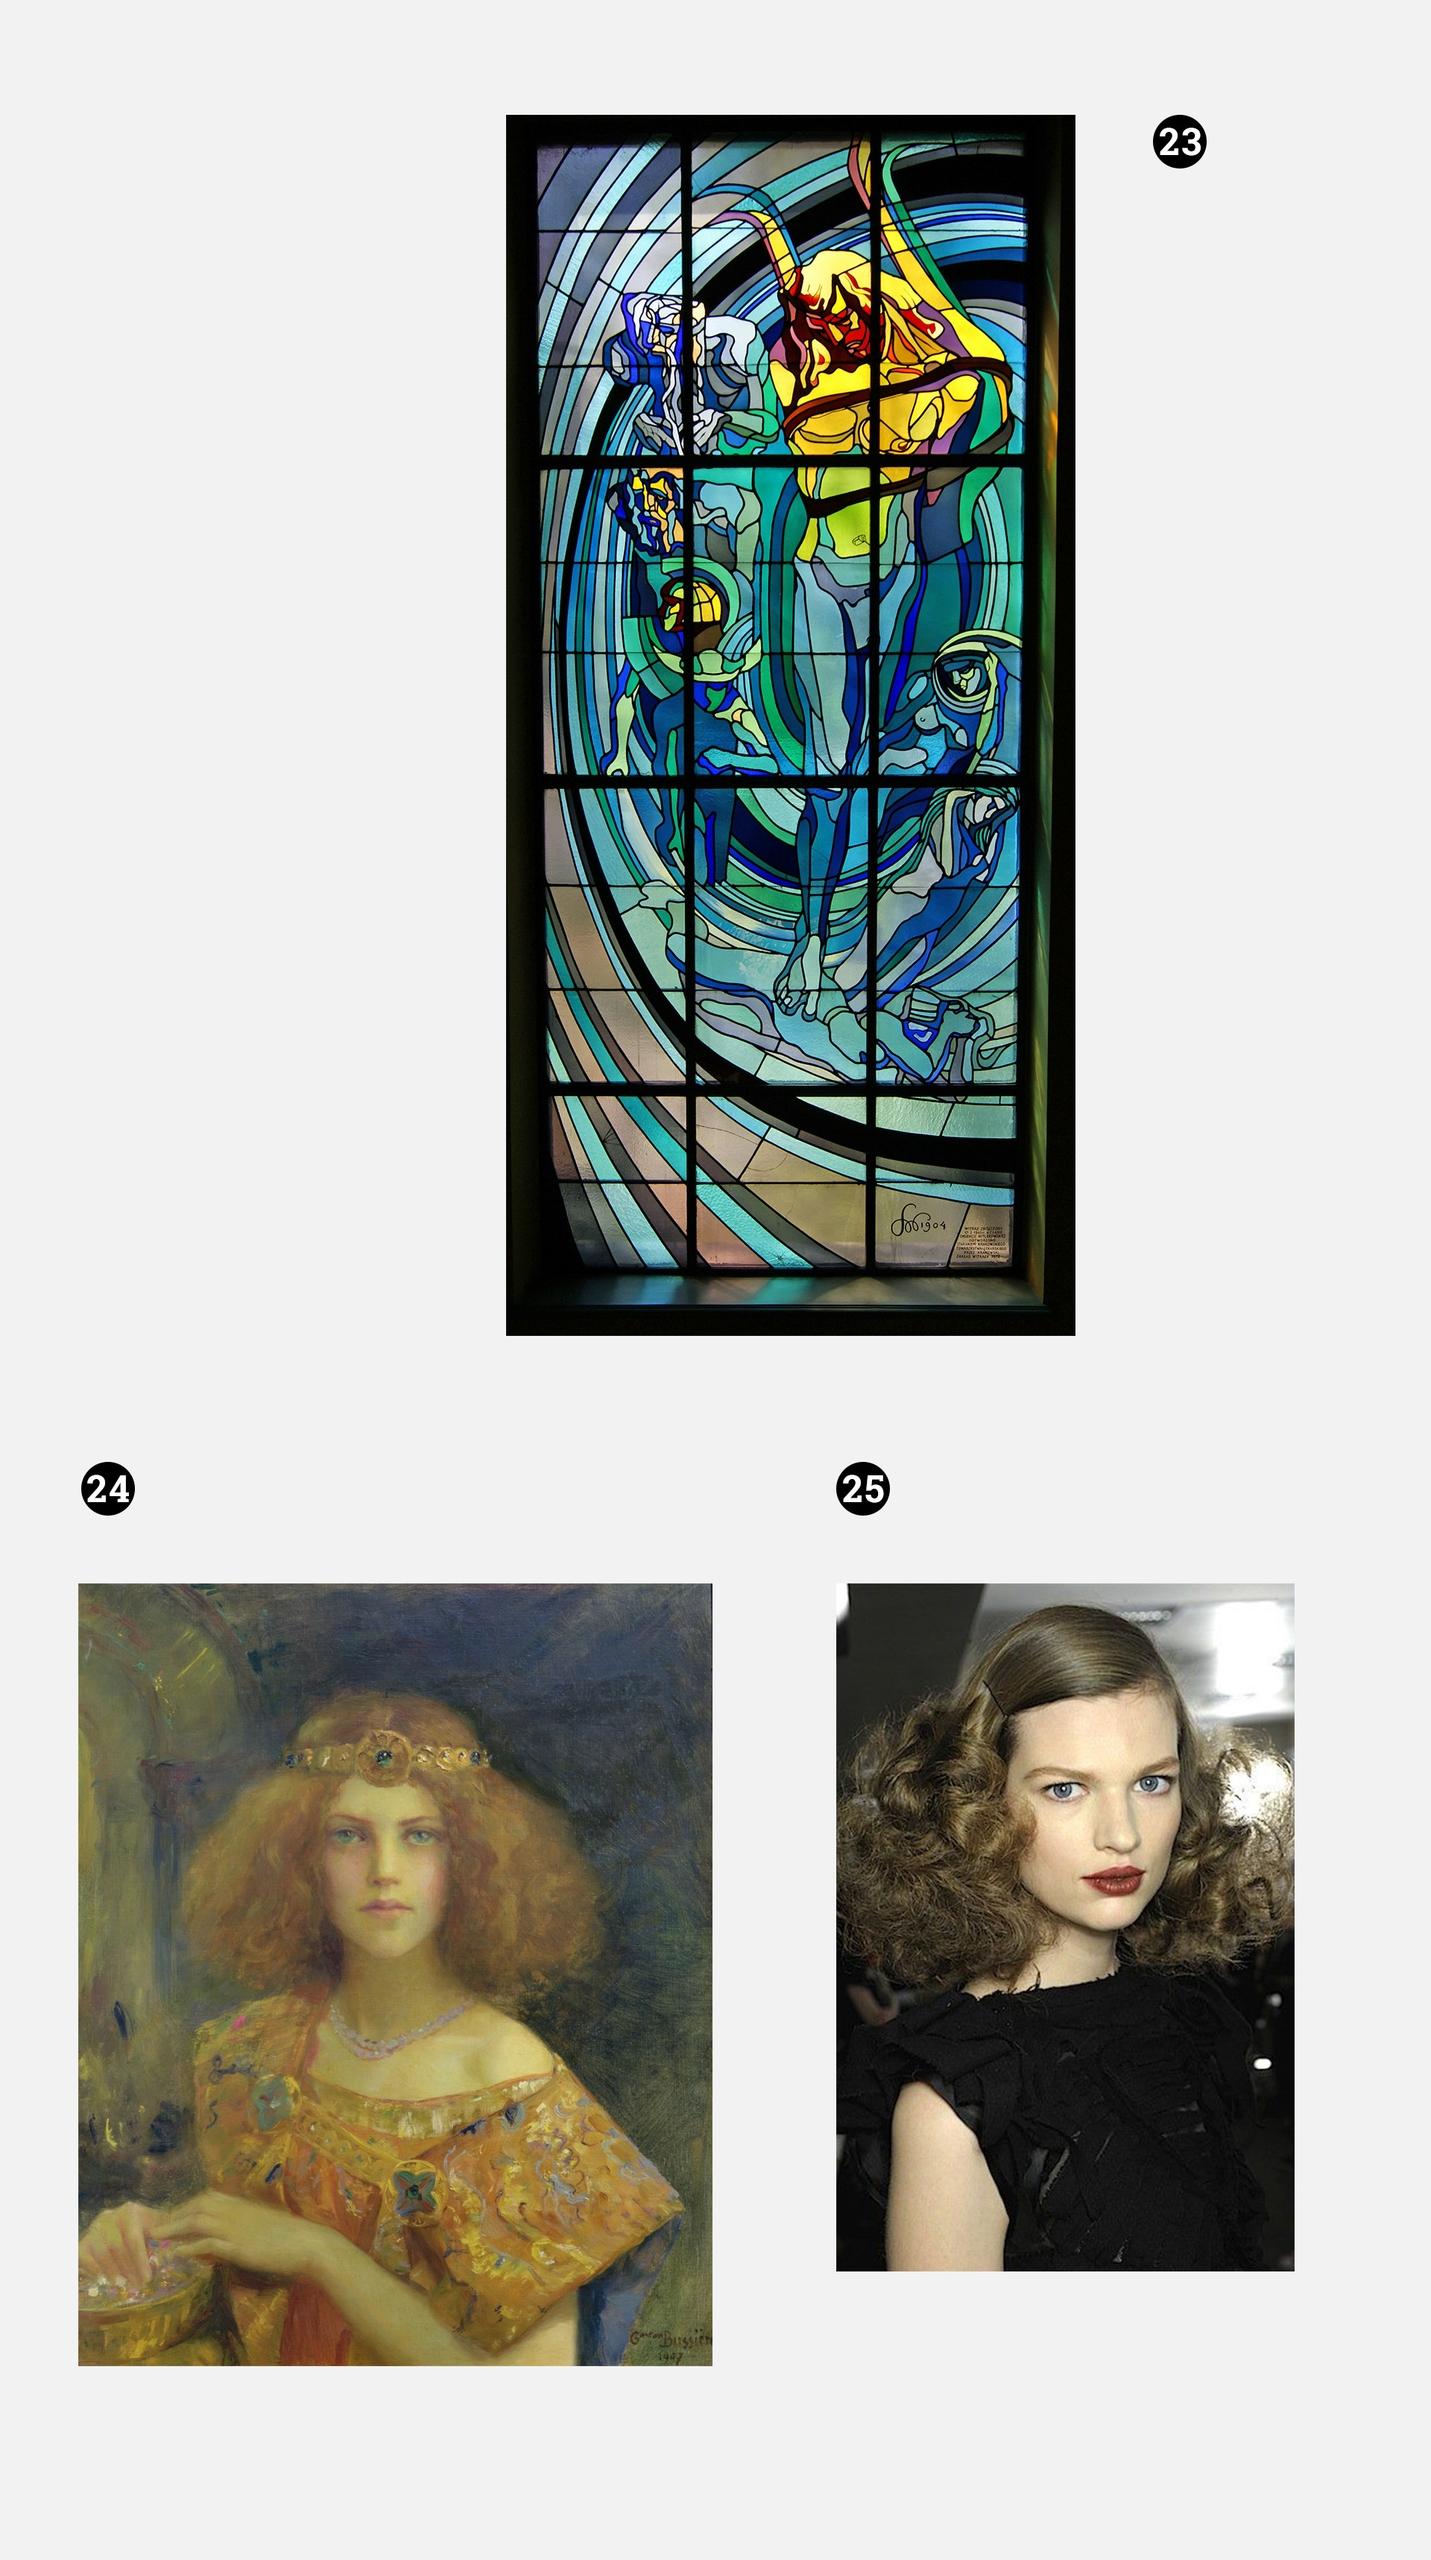 Obraz przedstawia trzy zdjęcia. Na jednym z nich widzimy witraż, na drugim obraz olejny, trzecie przedstawia kobietę z bujnymi włosami. Całość na szarym tle.